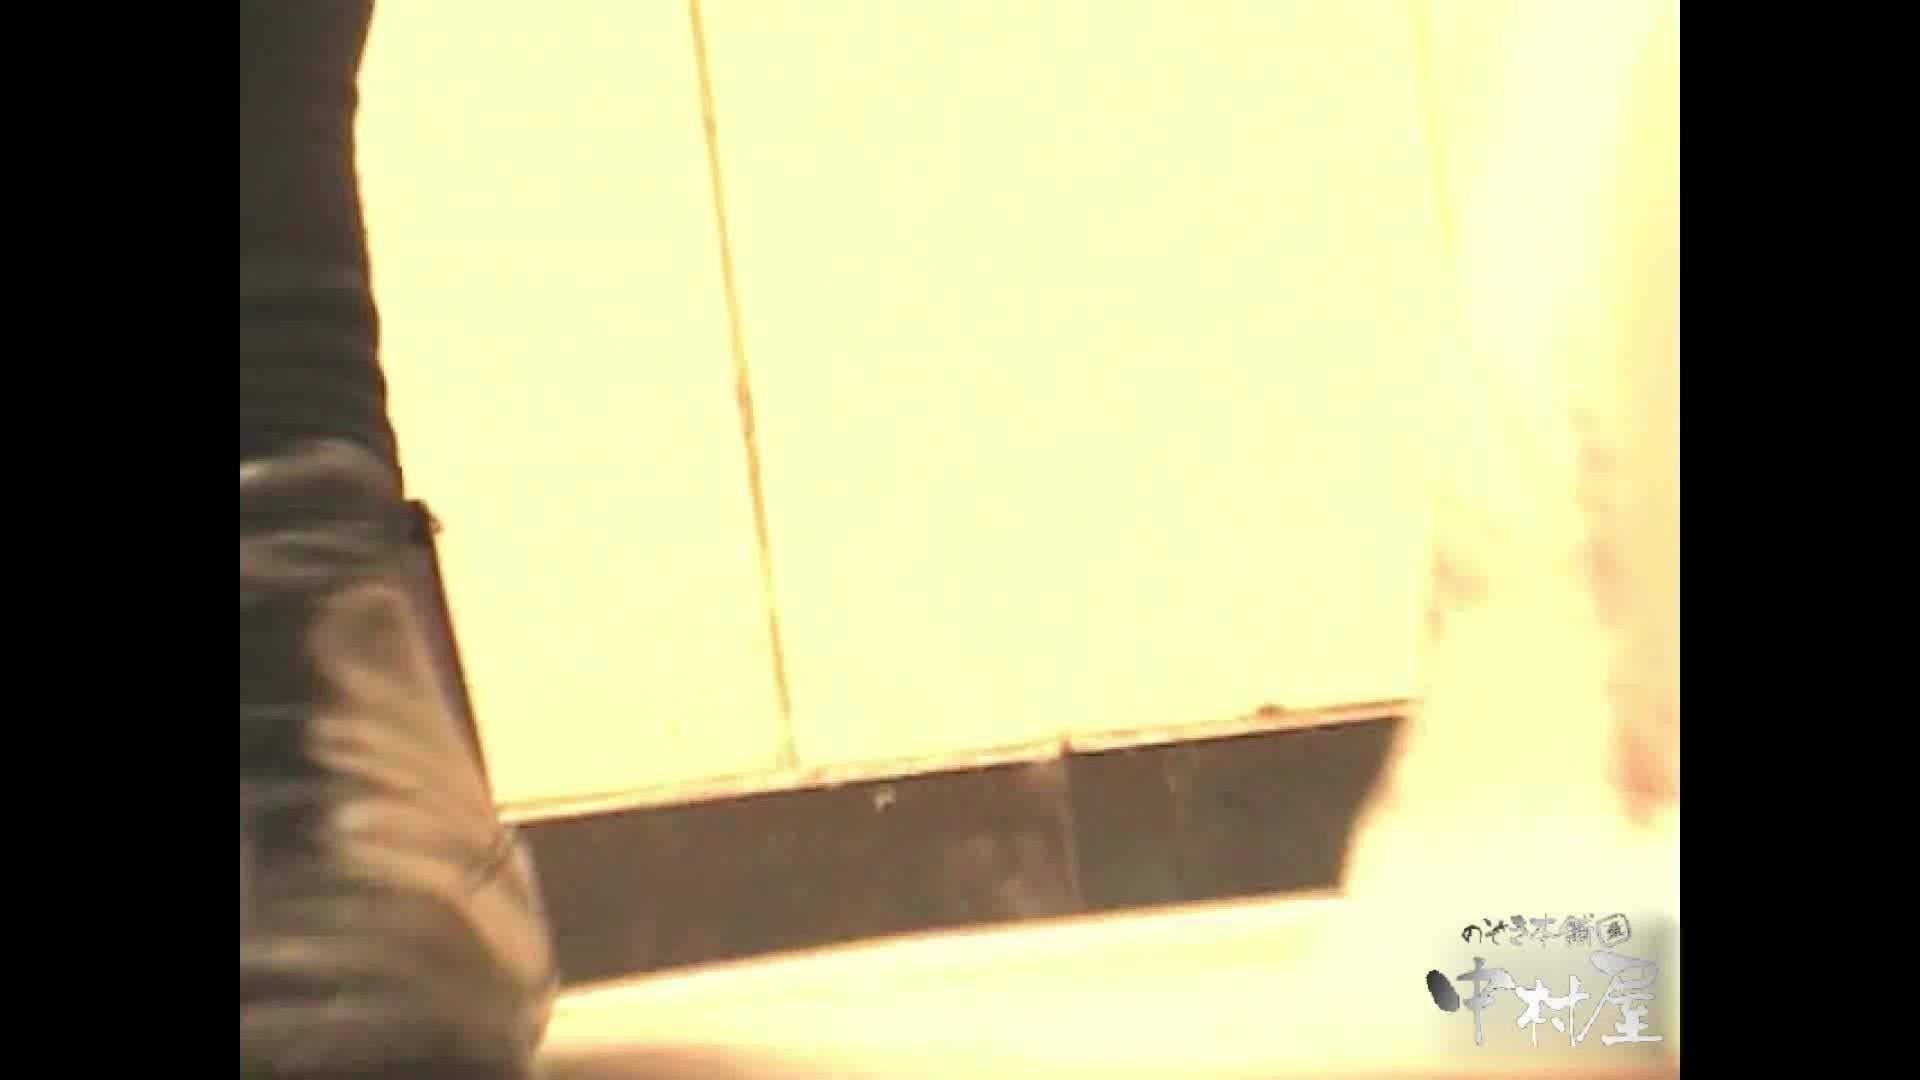 岩手県在住盗撮師盗撮記録vol.01 厠隠し撮り おまんこ動画流出 98pic 93